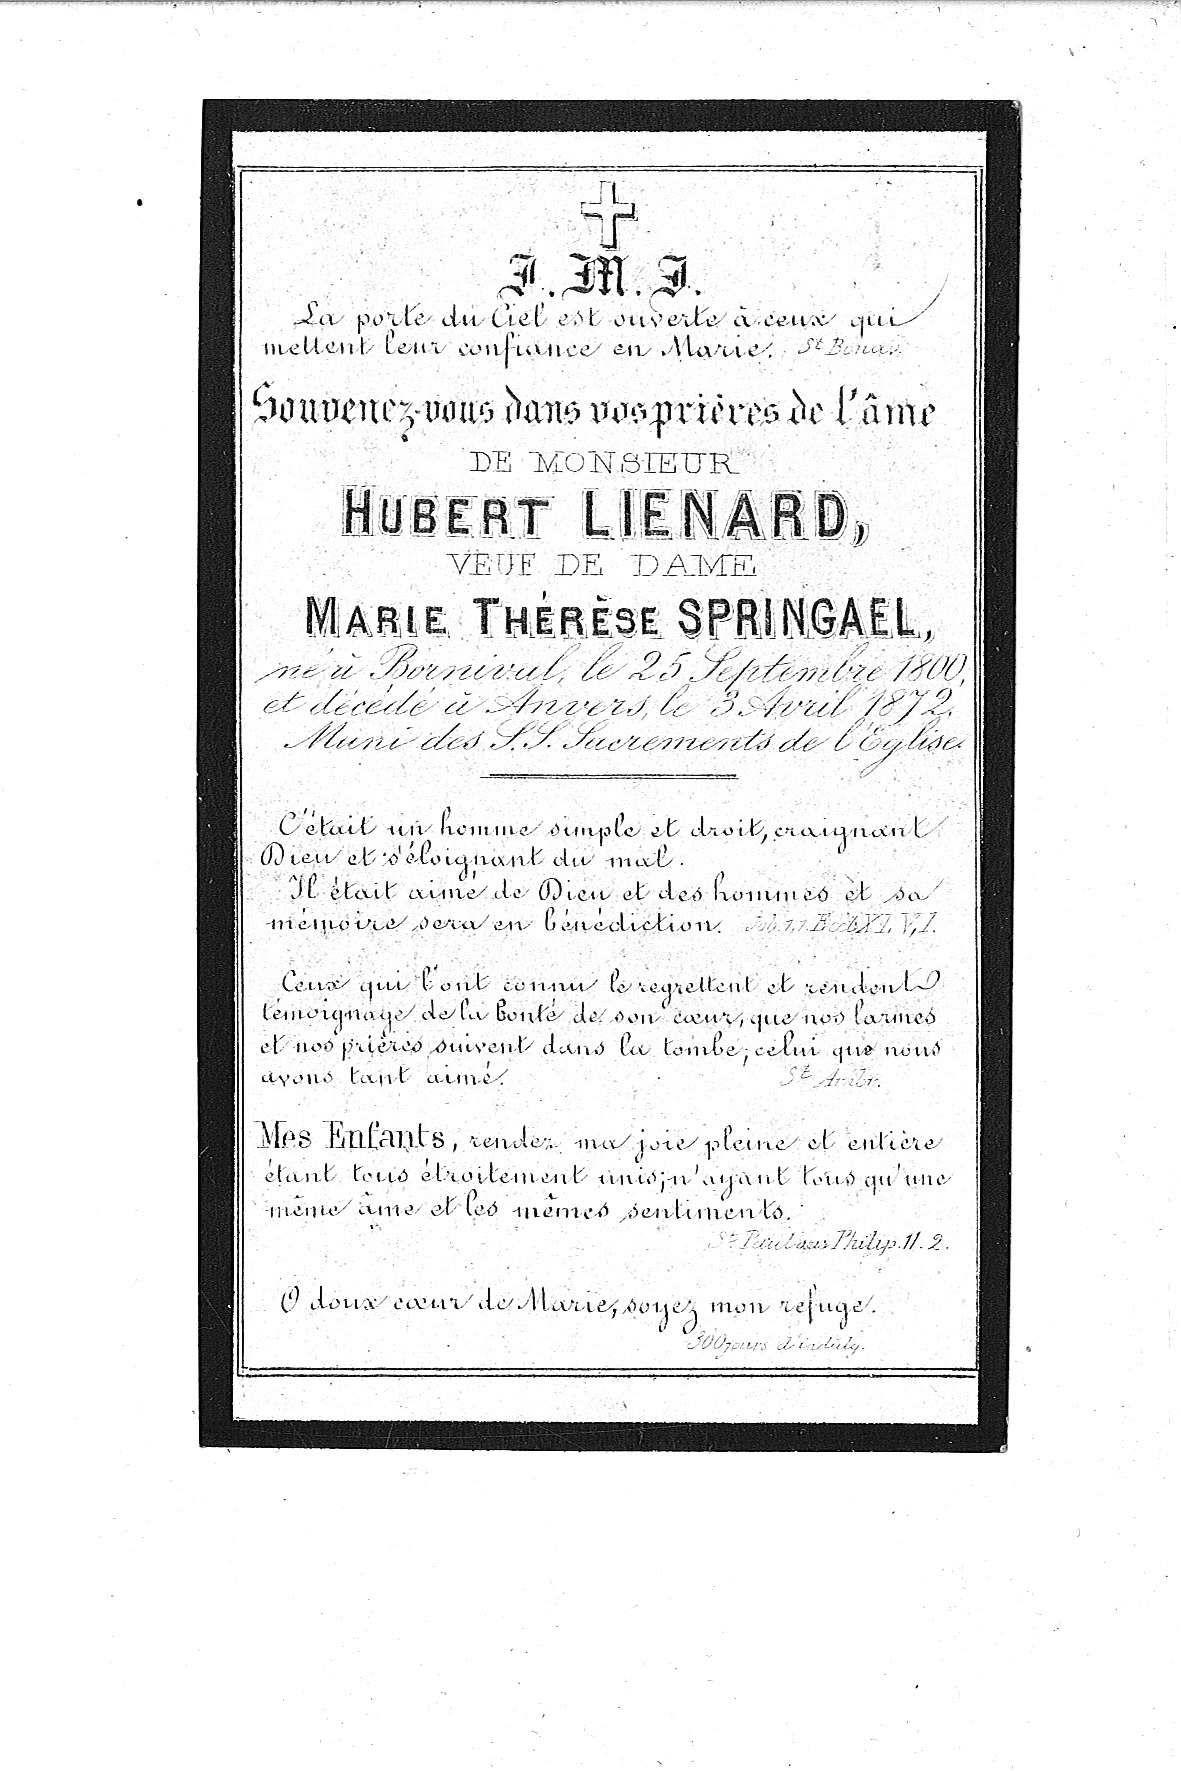 Hubert(1872)20100112100913_00011.jpg